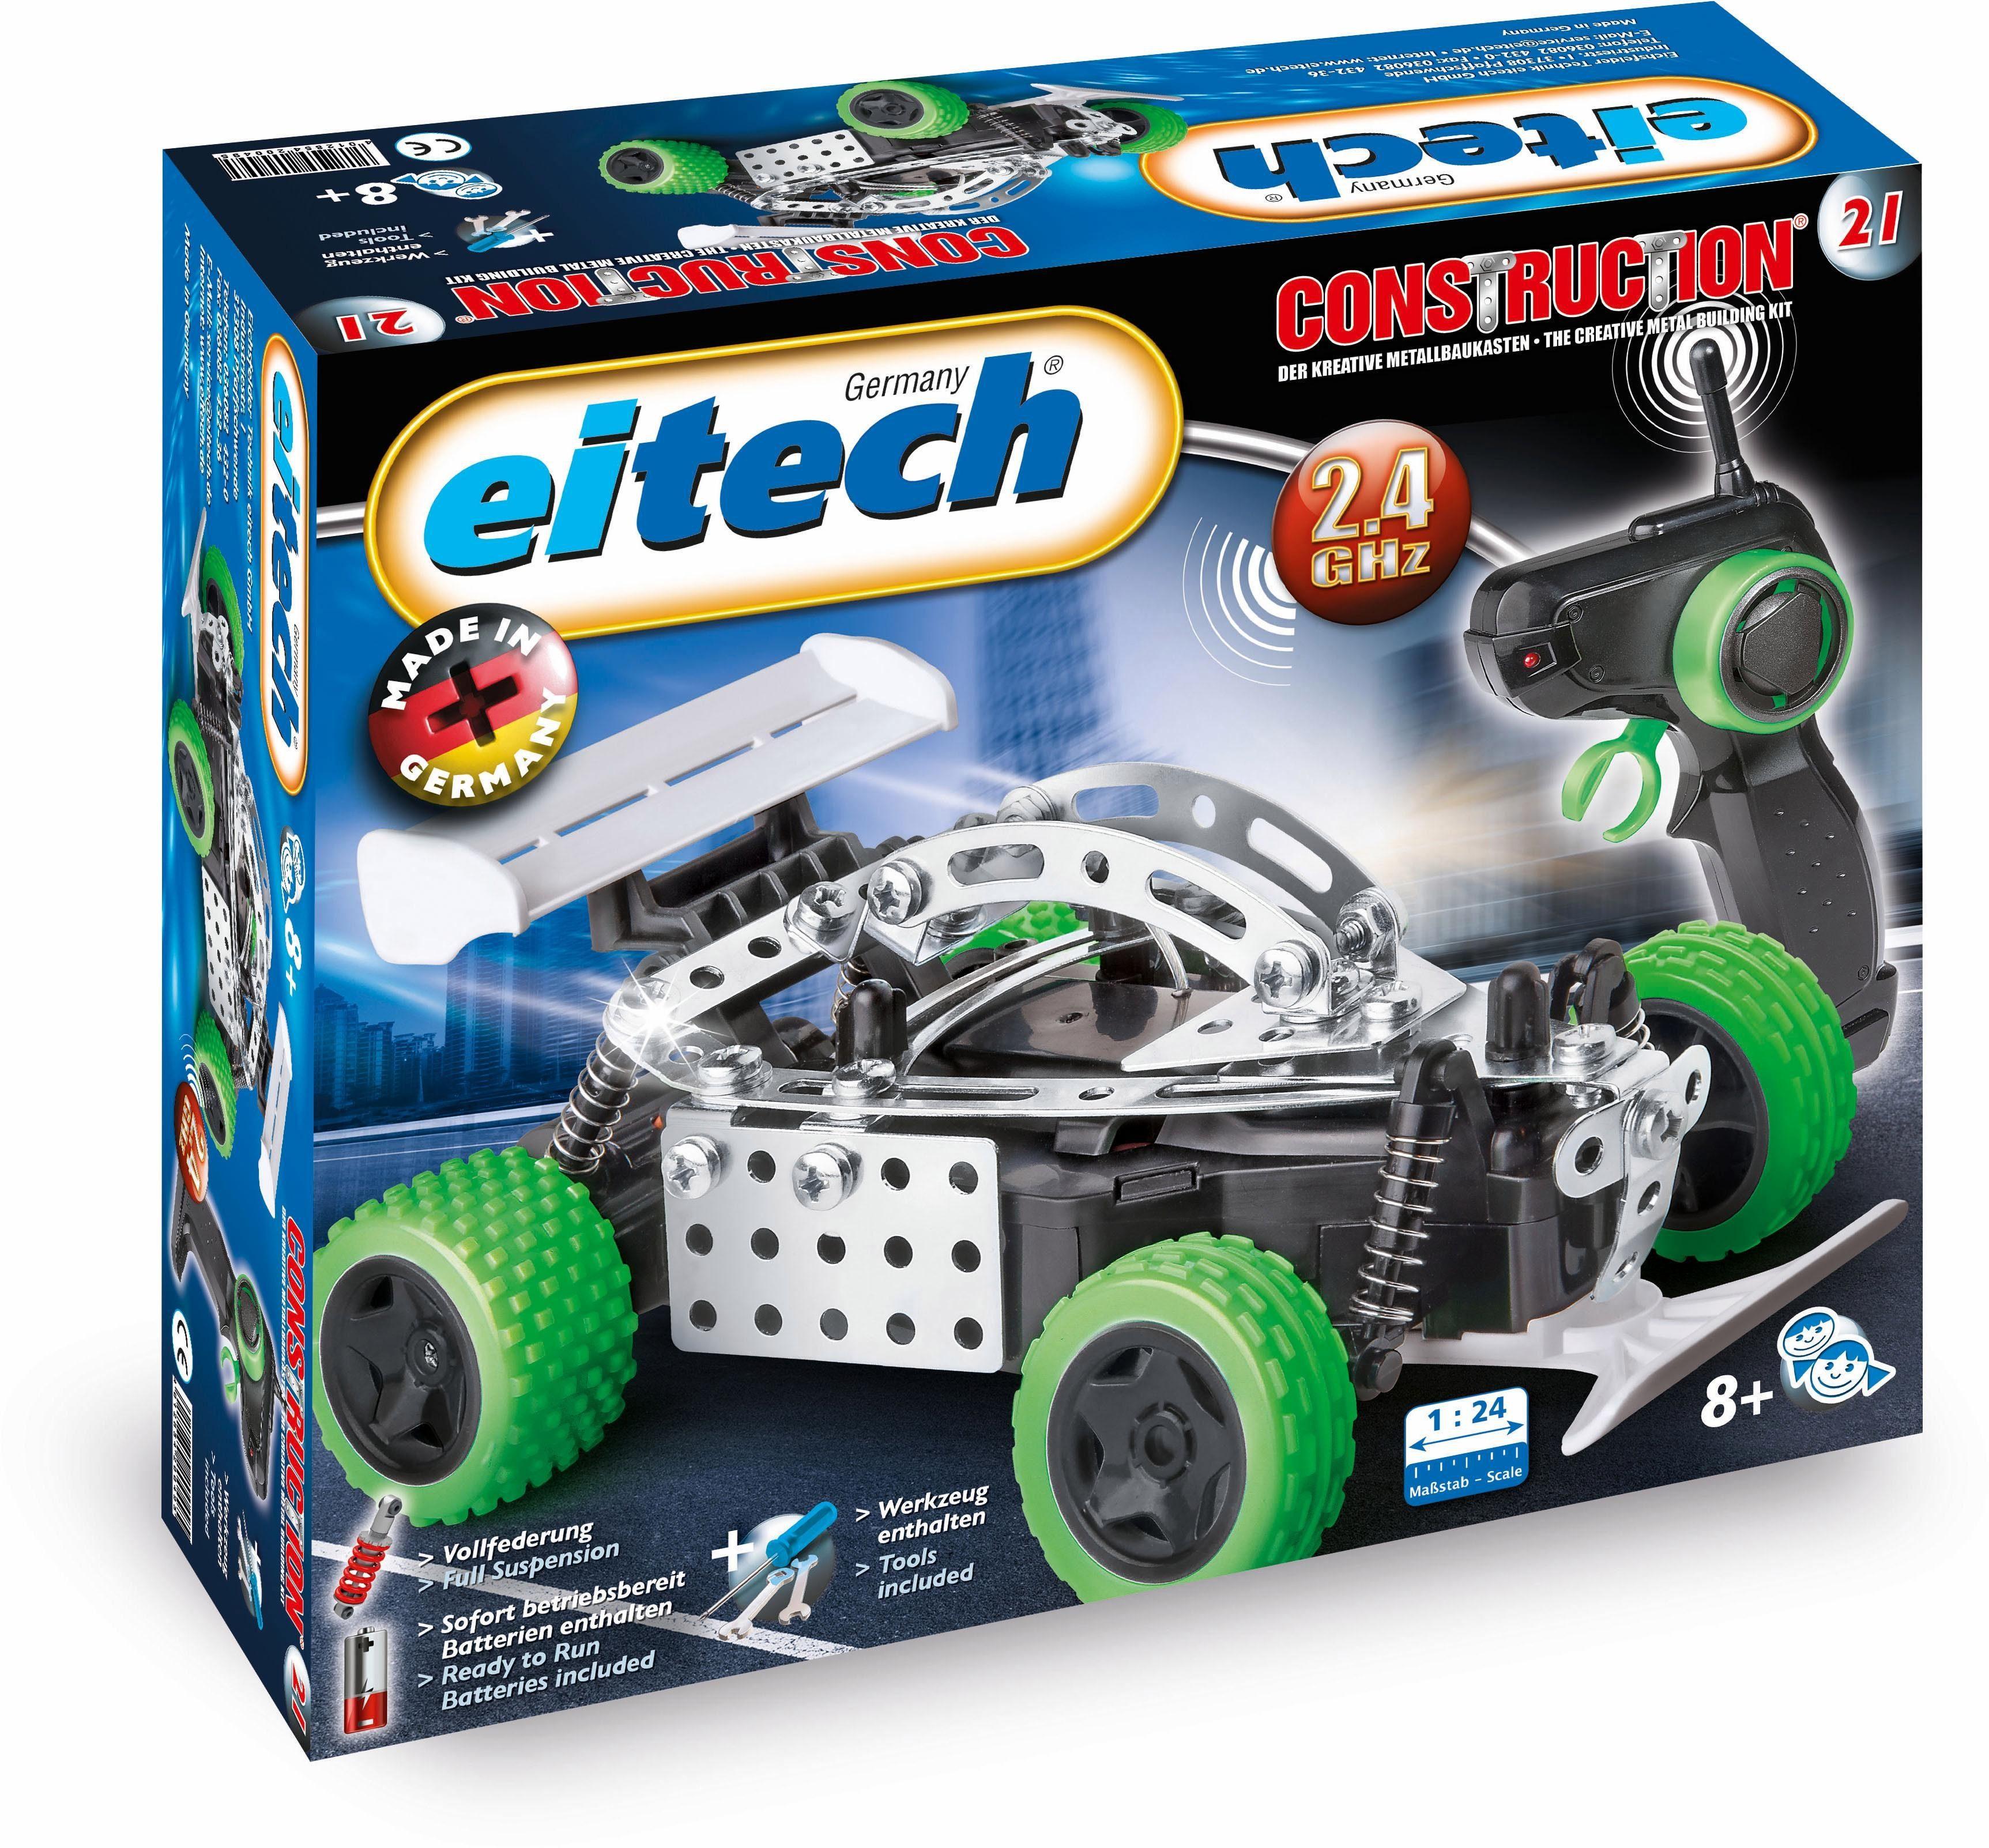 Eitech RC Fahrzeug zum selber bauen (00021), »Speed Racer, 2,4 GHz, 1:24«